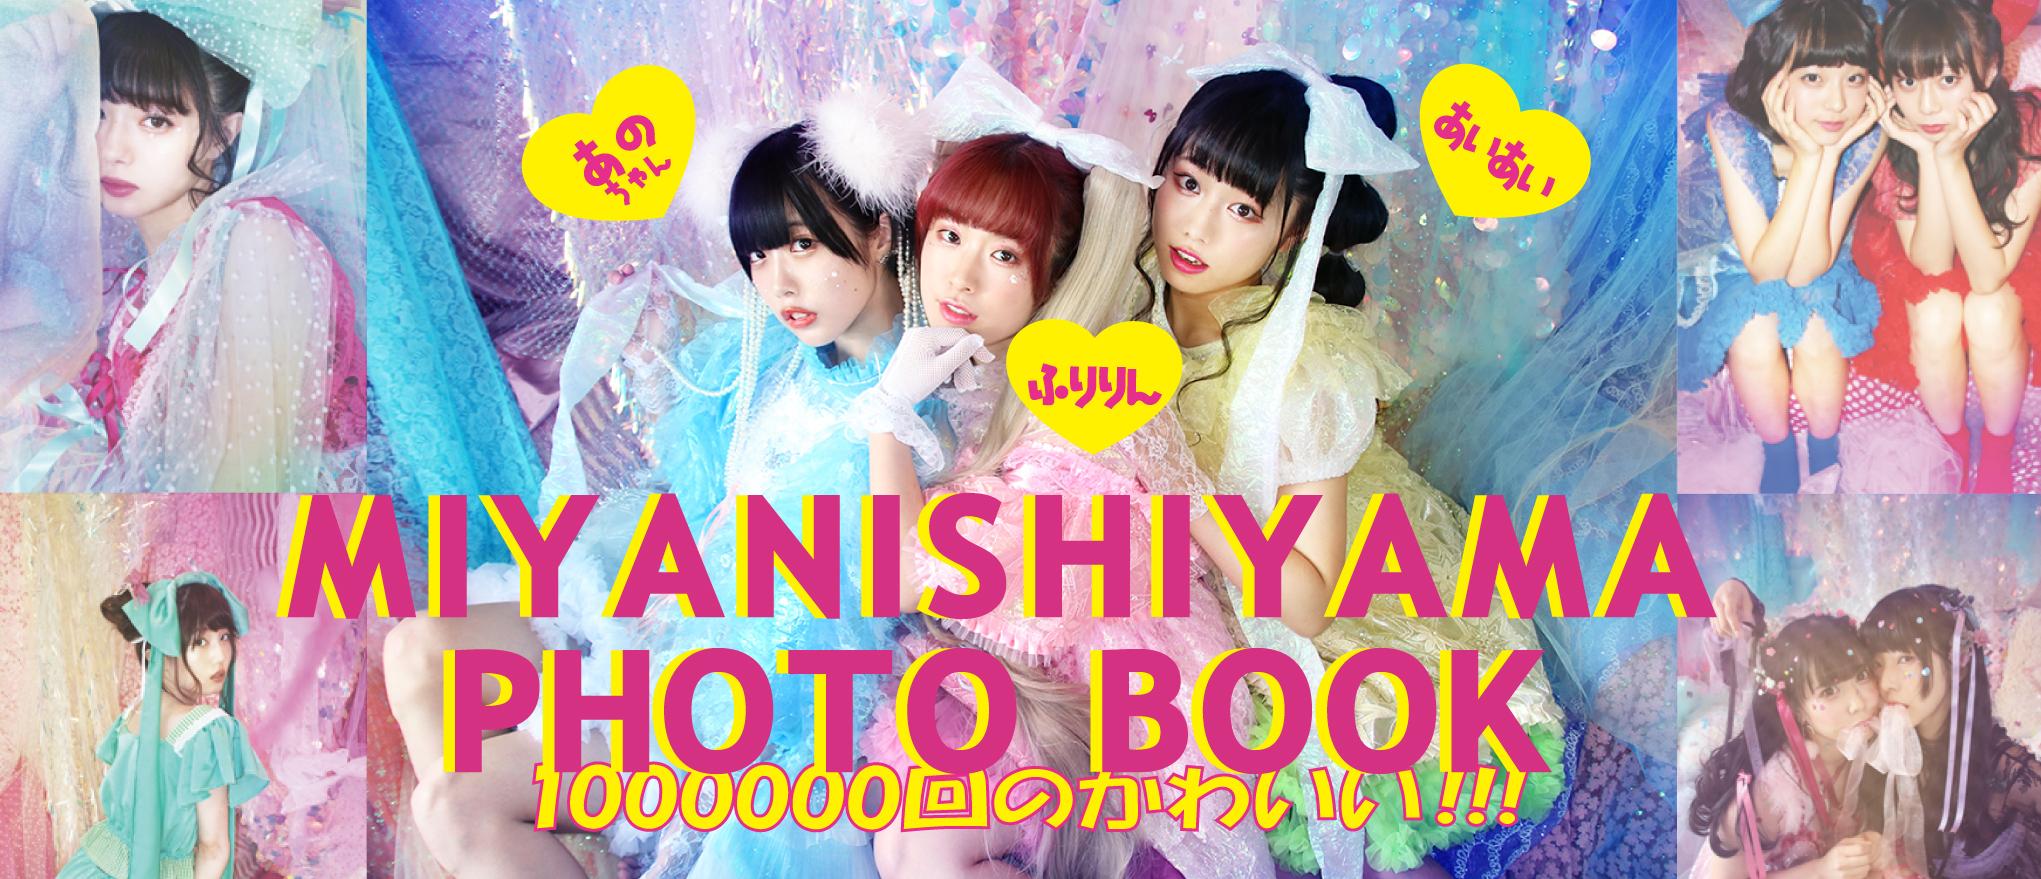 MIYANISHIYAMA PHOTO BOOK